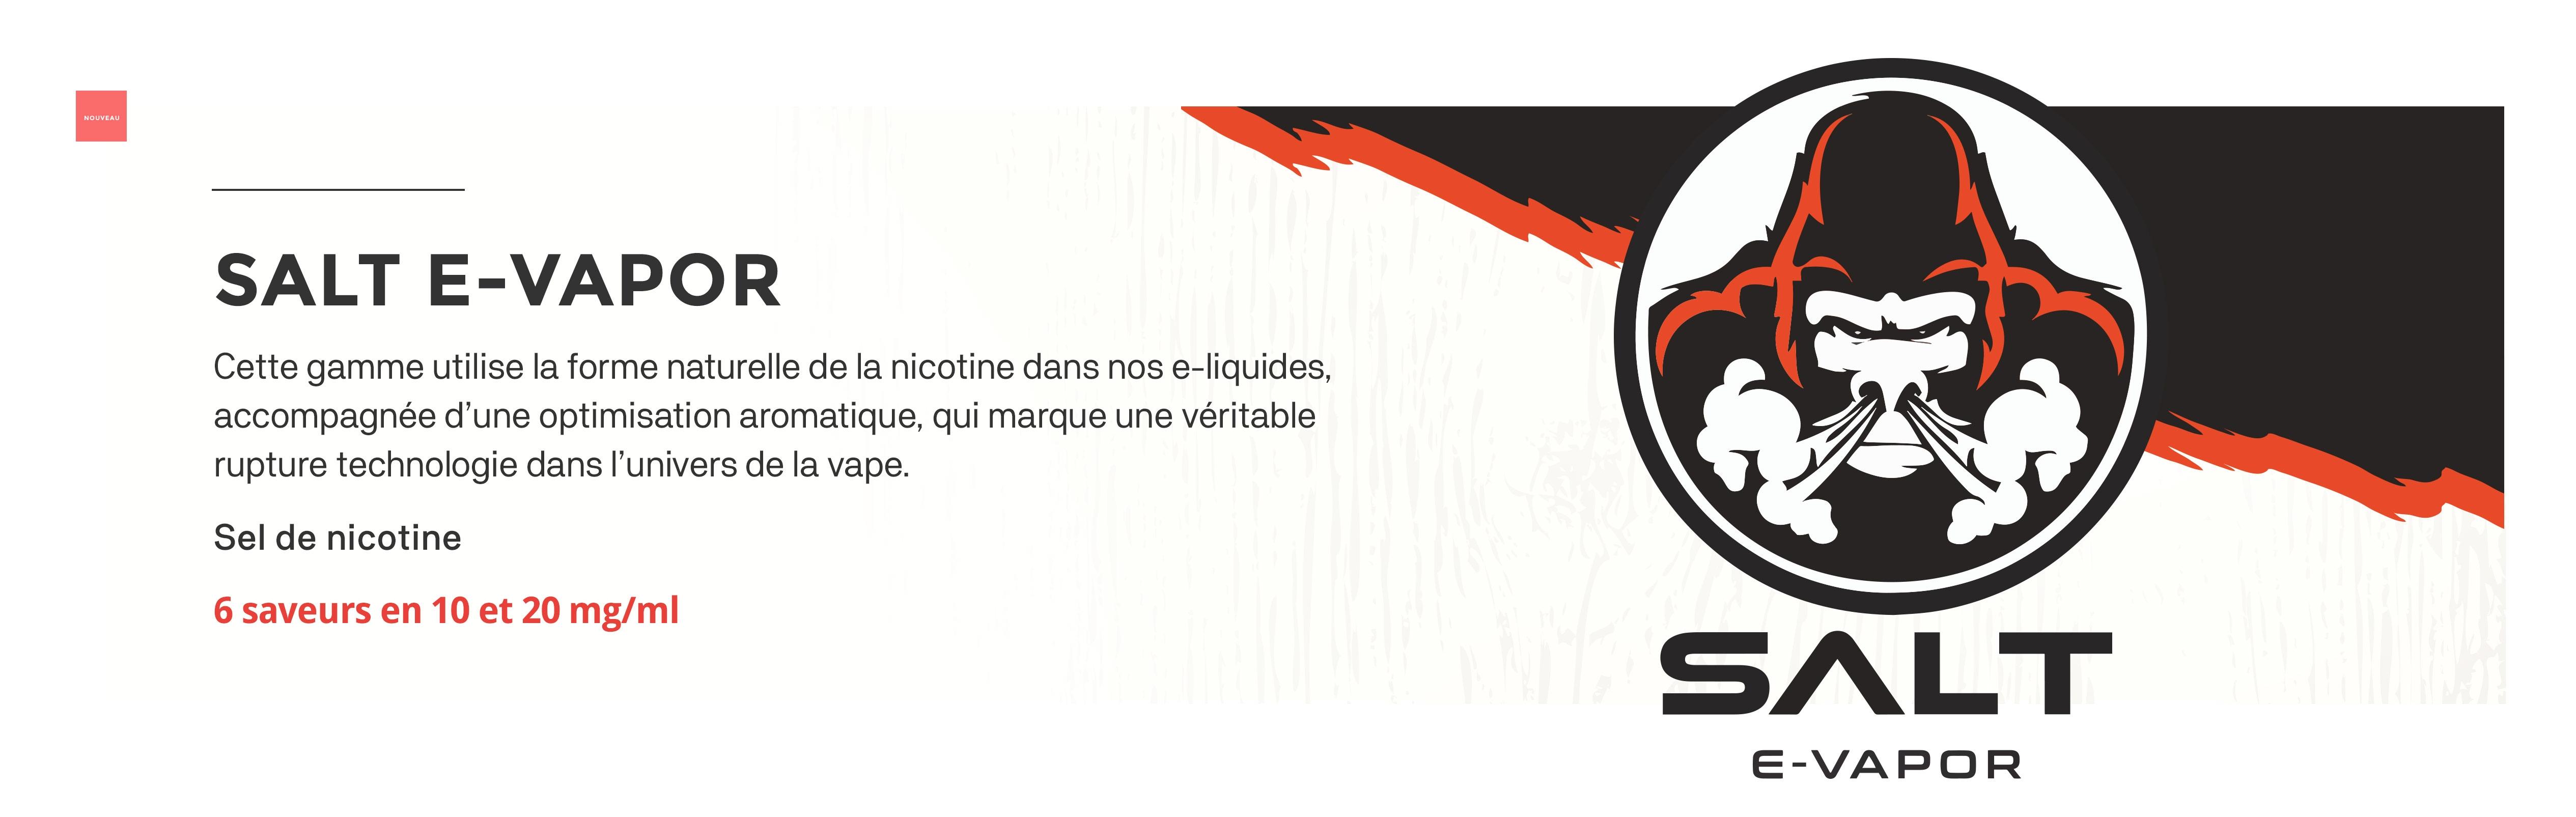 Découvrez notre gamme de e-liquide au sel de nicotine : Salt e-Vapor